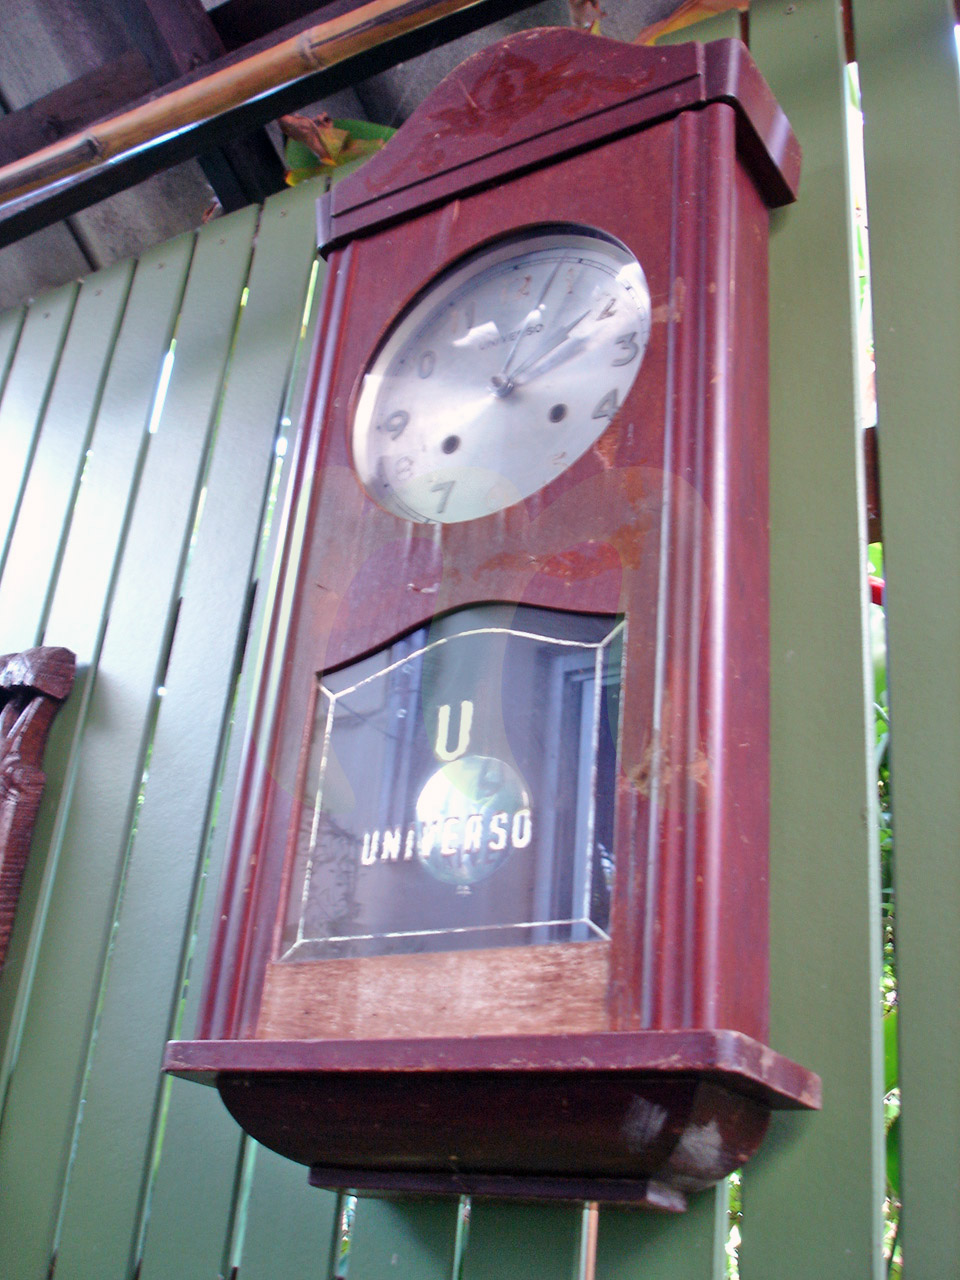 นาฬิกาแขวนลูกตุ้ม ของเก่า